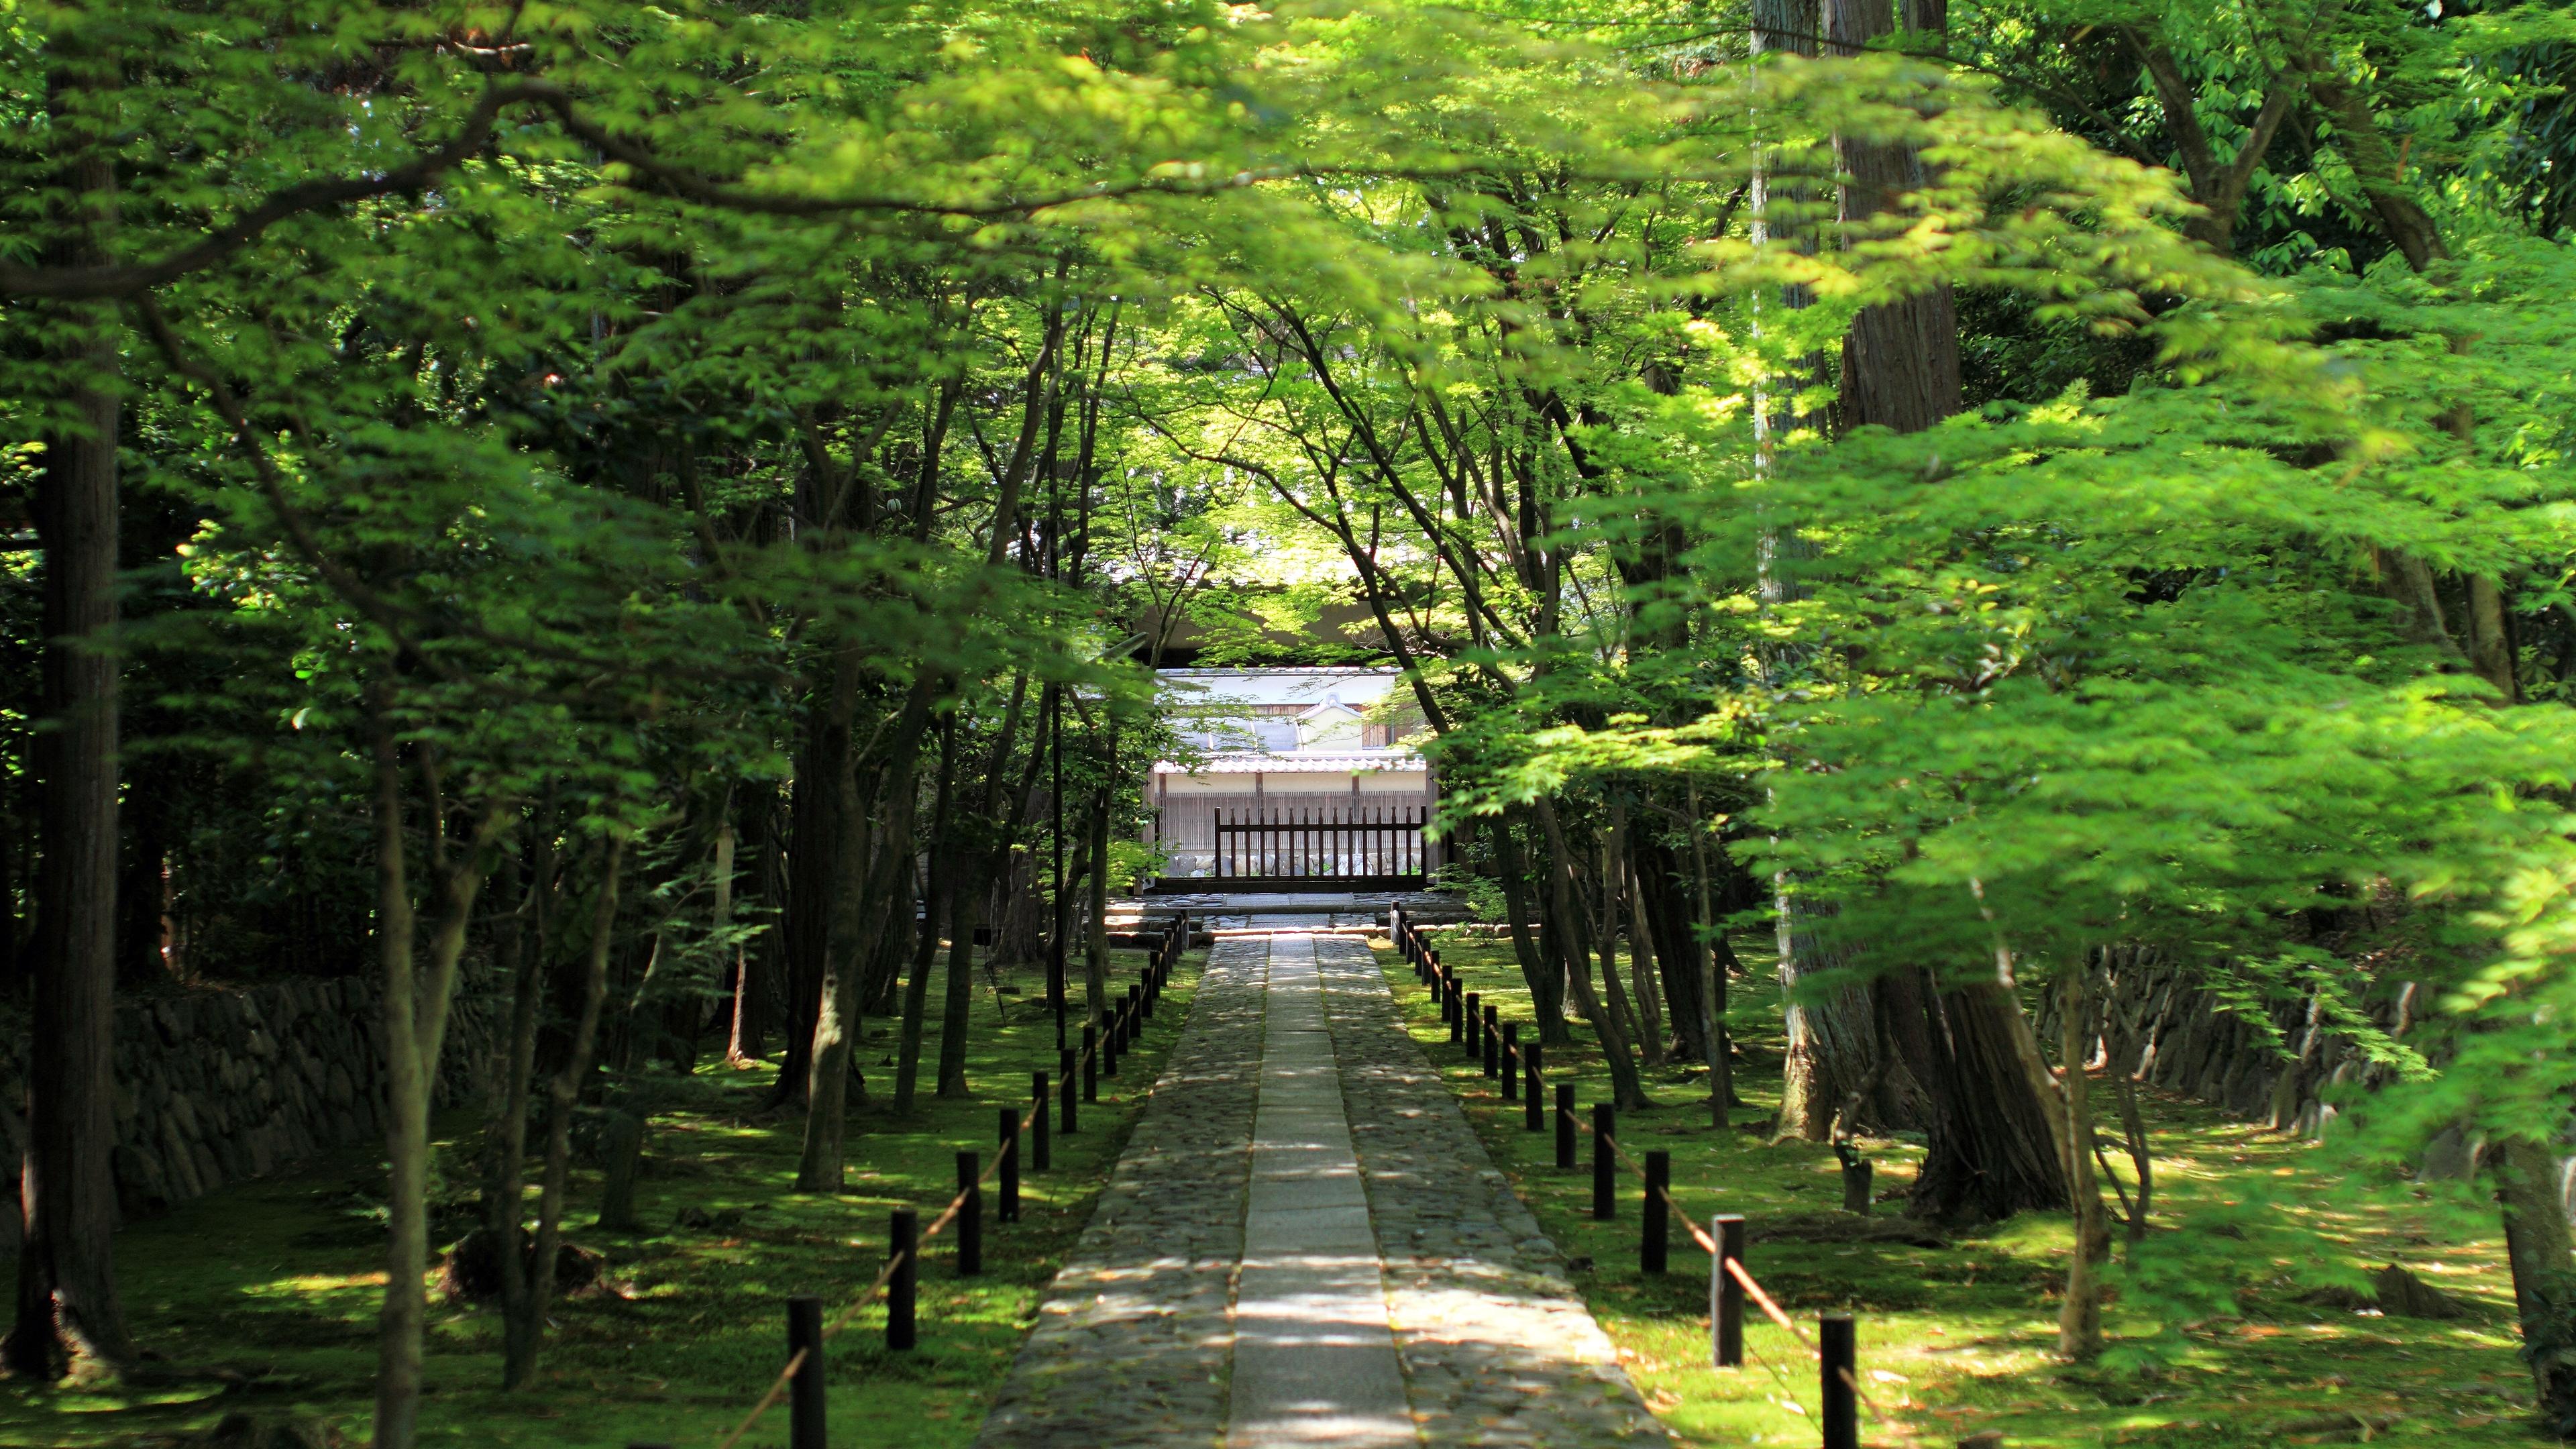 4k 12年 新緑 濃緑の京都壁紙その3 計11枚 壁紙 日々駄文